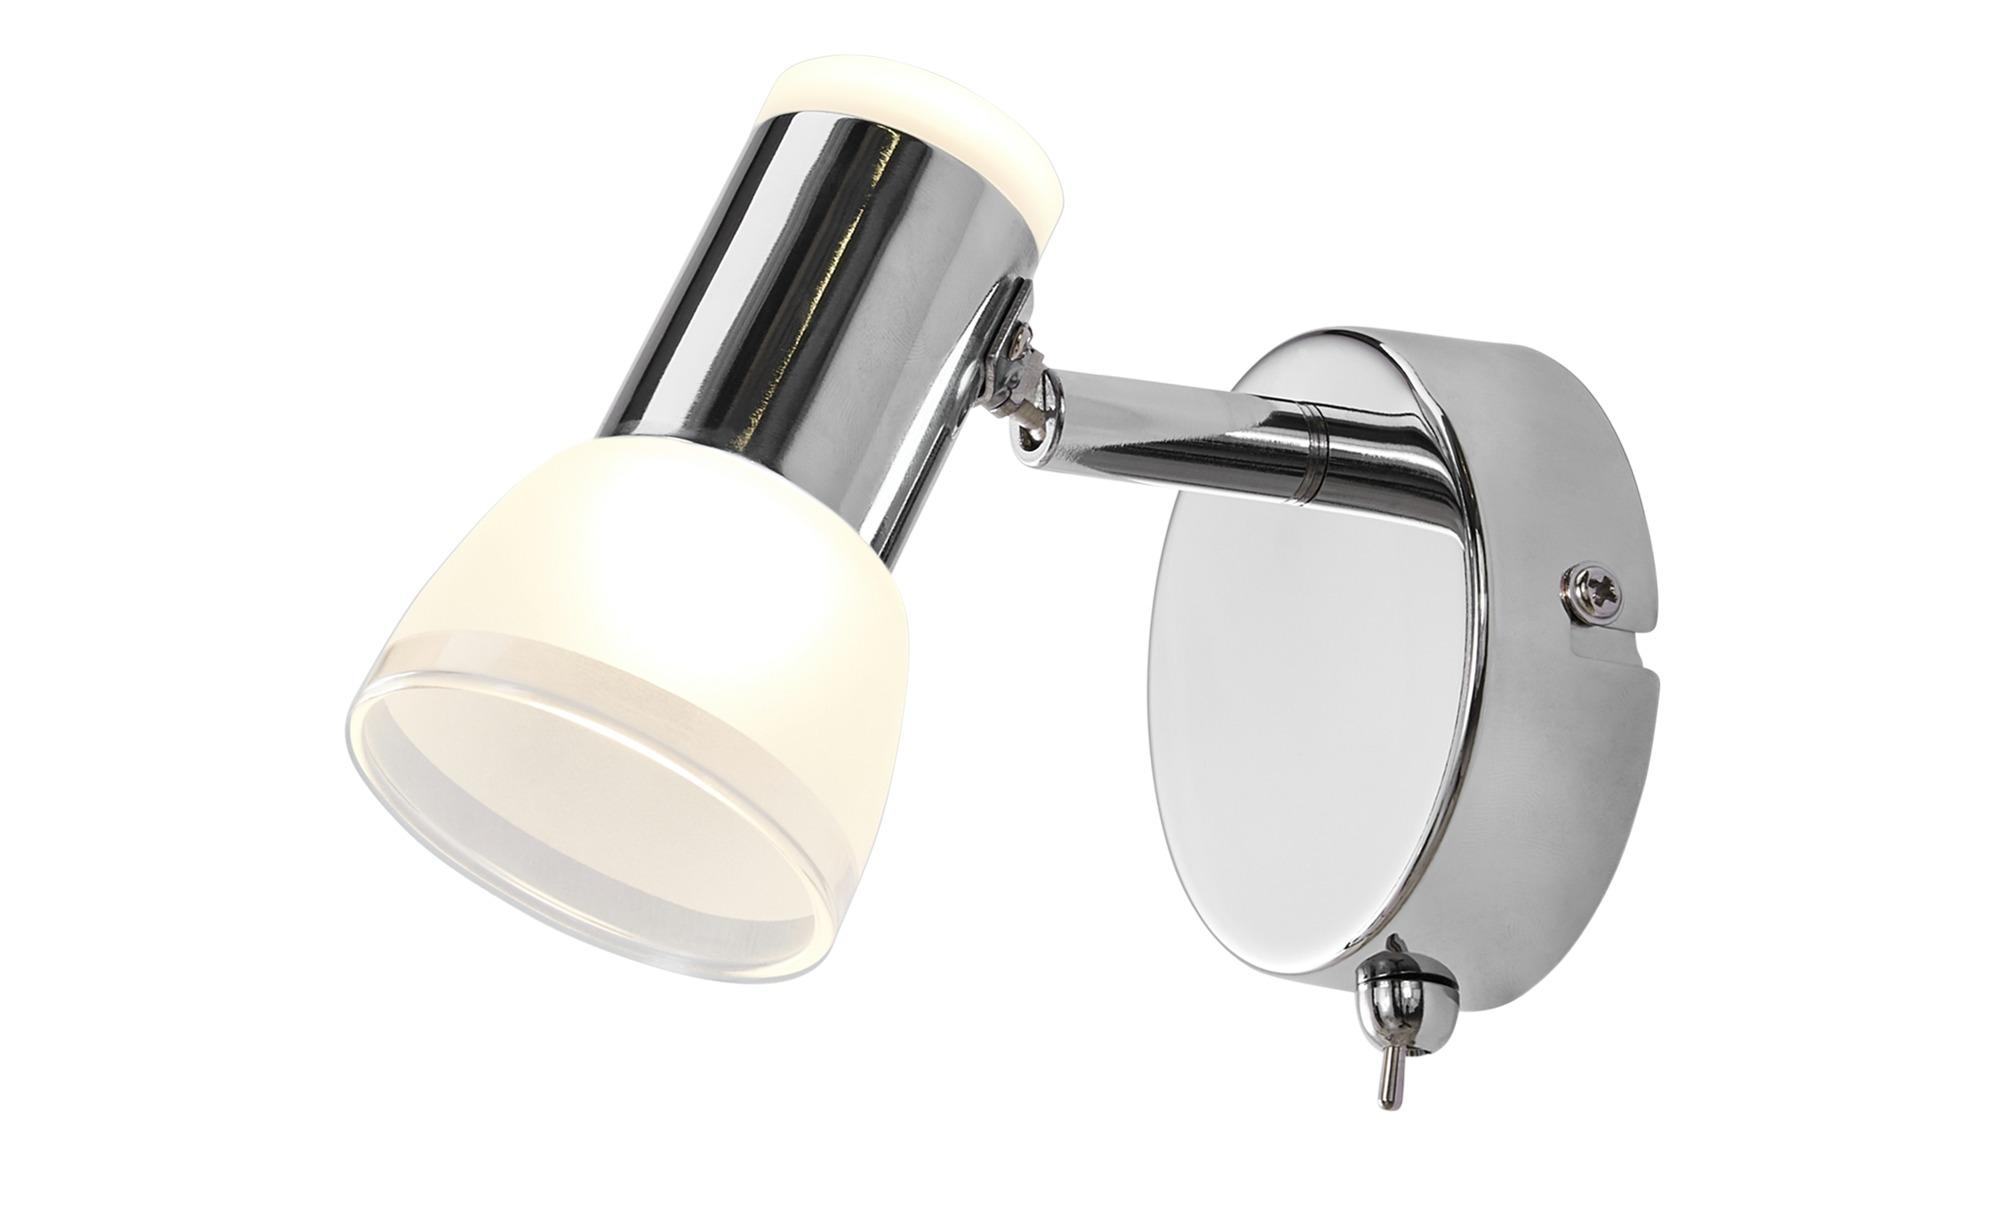 KHG LED-Wandstrahler, 1-flammig, chorm ¦ silber ¦ Maße (cm): H: 14,5 Ø: [8.0] Lampen & Leuchten > Innenleuchten > Wandleuchten - Höffner